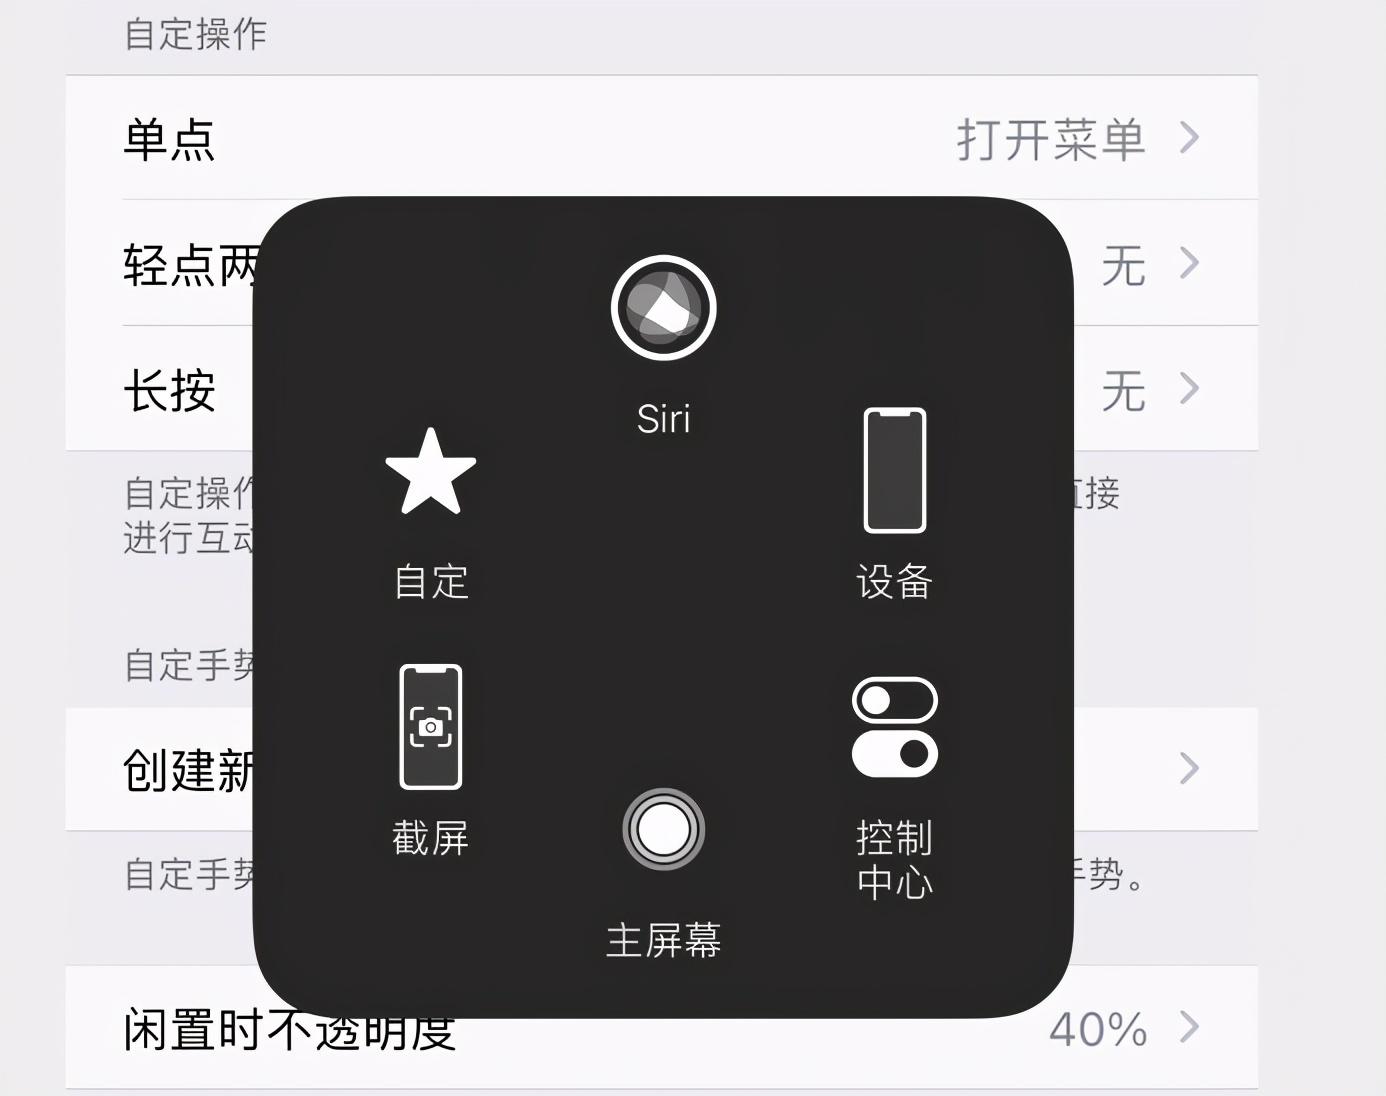 苹果手机浮标怎么设置(12苹果圆浮标怎么设置)